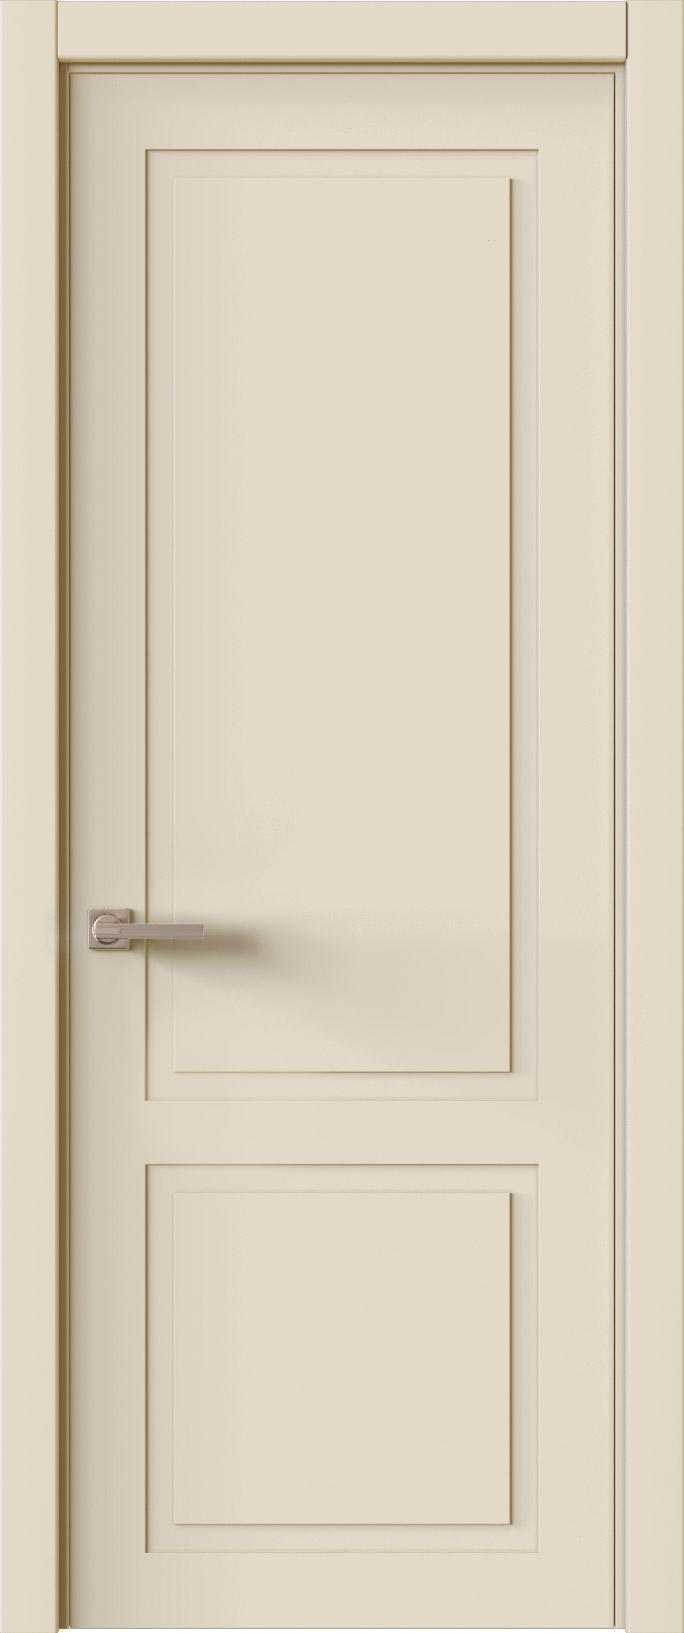 Tivoli Е-5 цвет - Жемчужная эмаль (RAL 1013) Без стекла (ДГ)